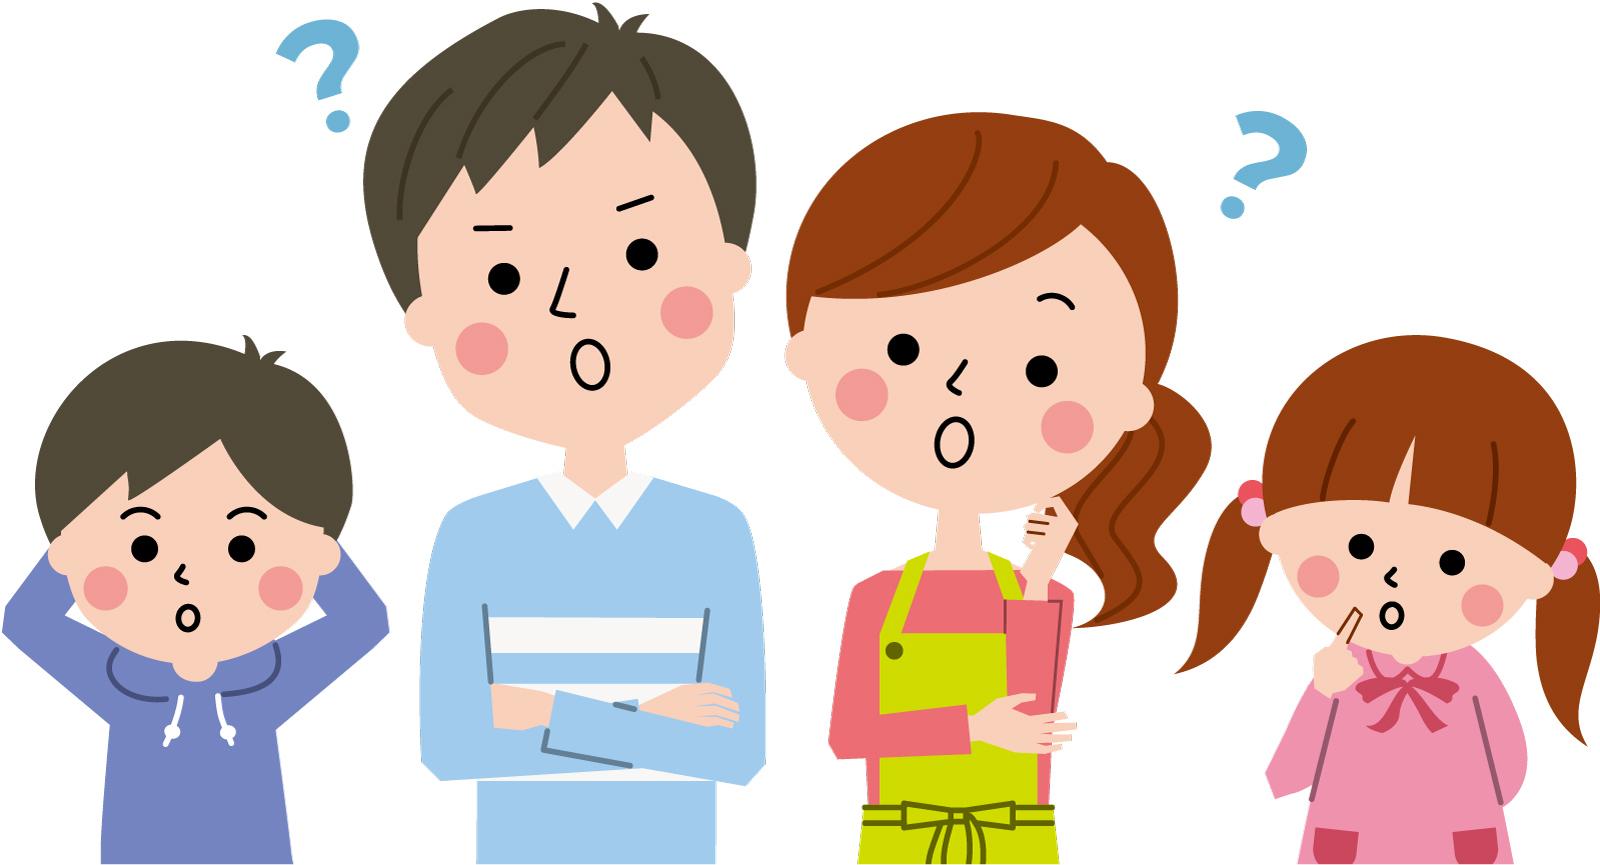 【ちびまる子ちゃんクイズ20問】マニア向け!!難しいマルバツ問題!上級編